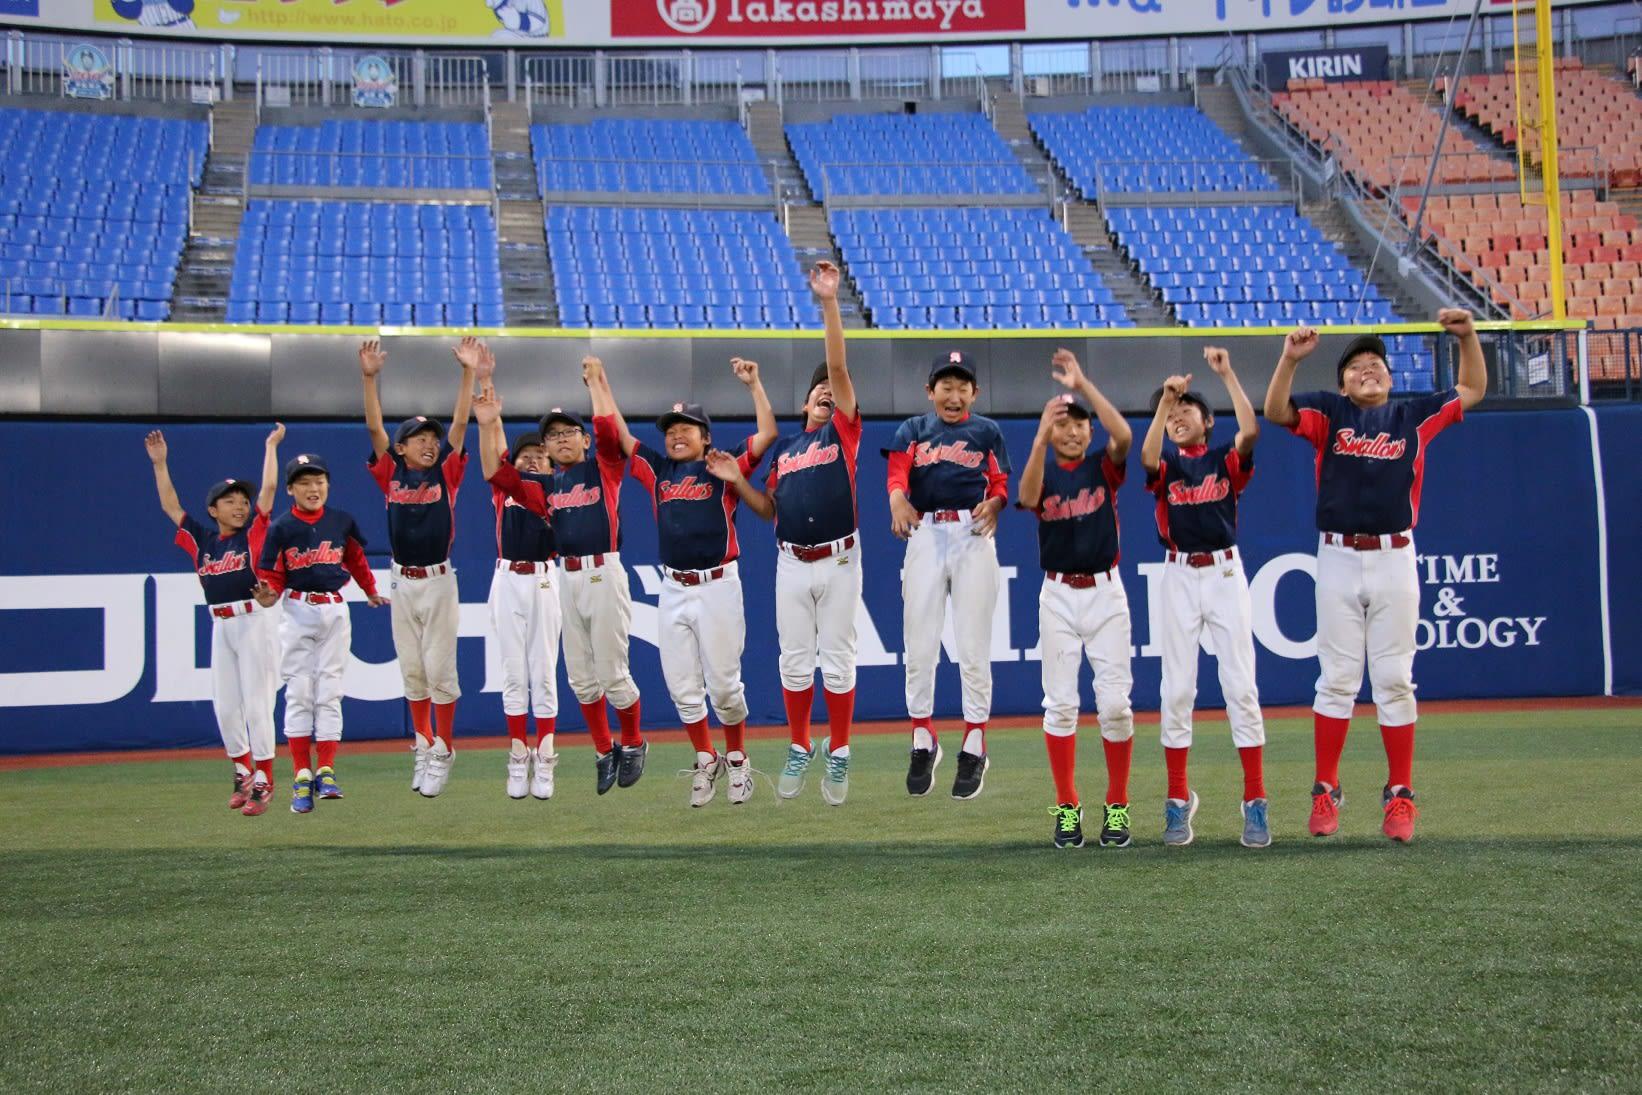 四国銀行野球部   四国銀行